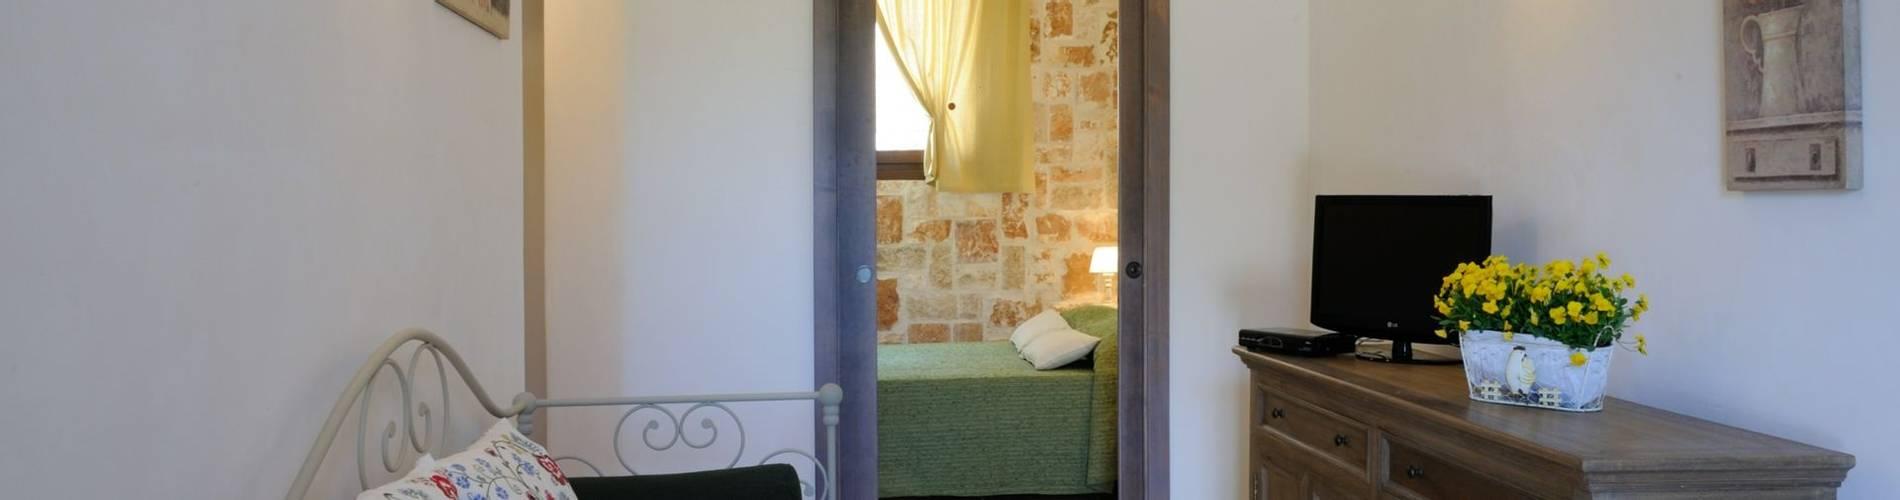 Borgo Delle Querce, Puglia, Italy, Limoni Flat (6).jpg